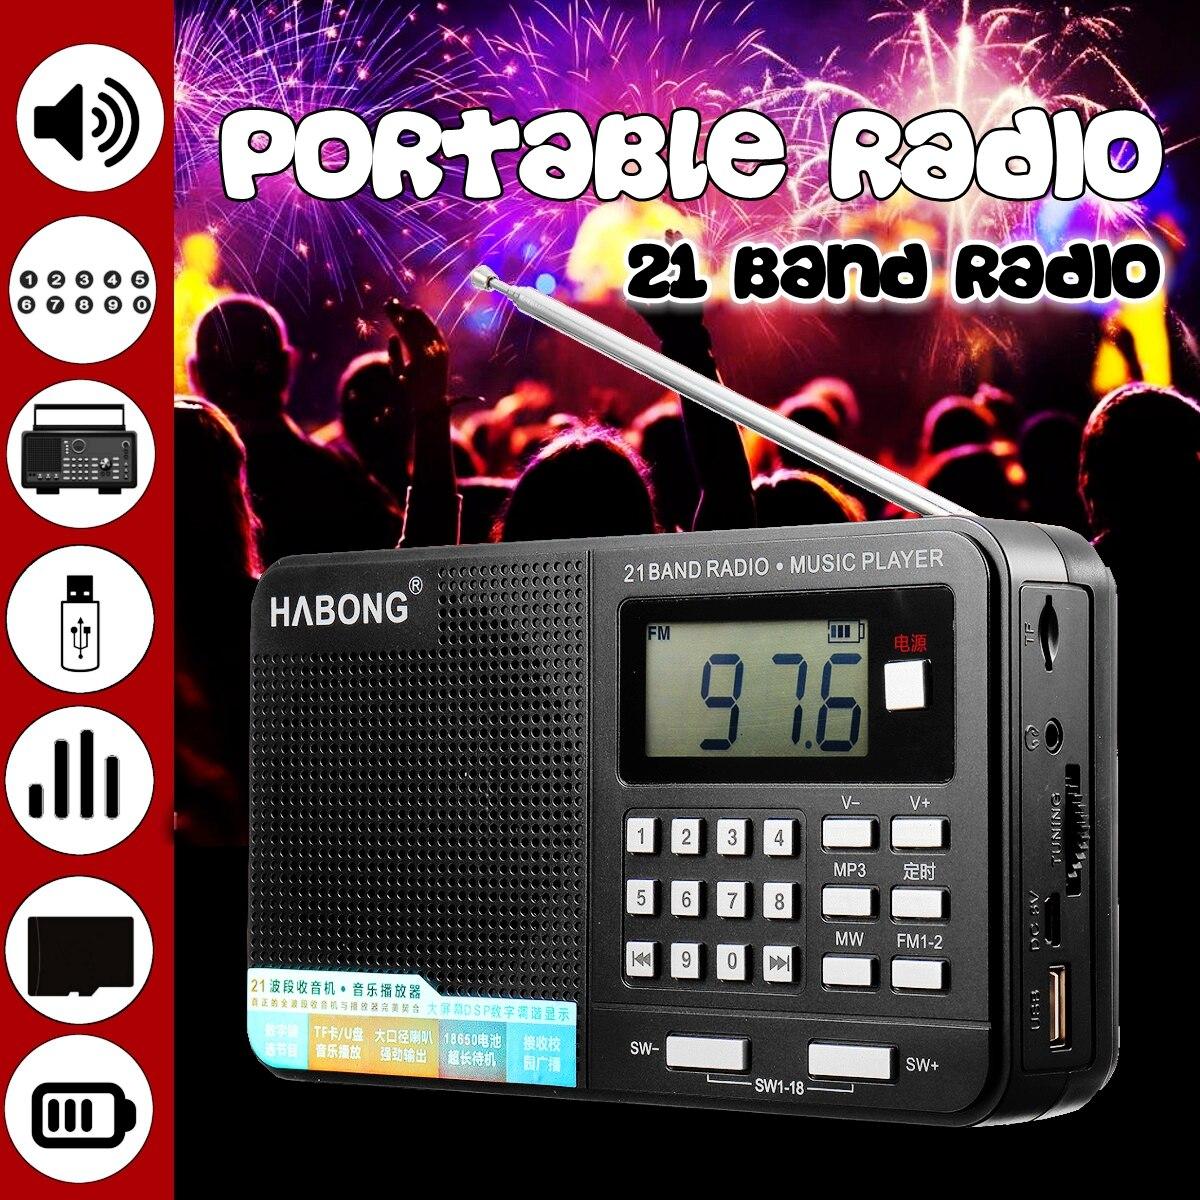 Tragbare Taschen Radio Persönliche Handheld-Full-Band AM FM SW Digital MP3 TF U Karte Wiederaufladbare USB